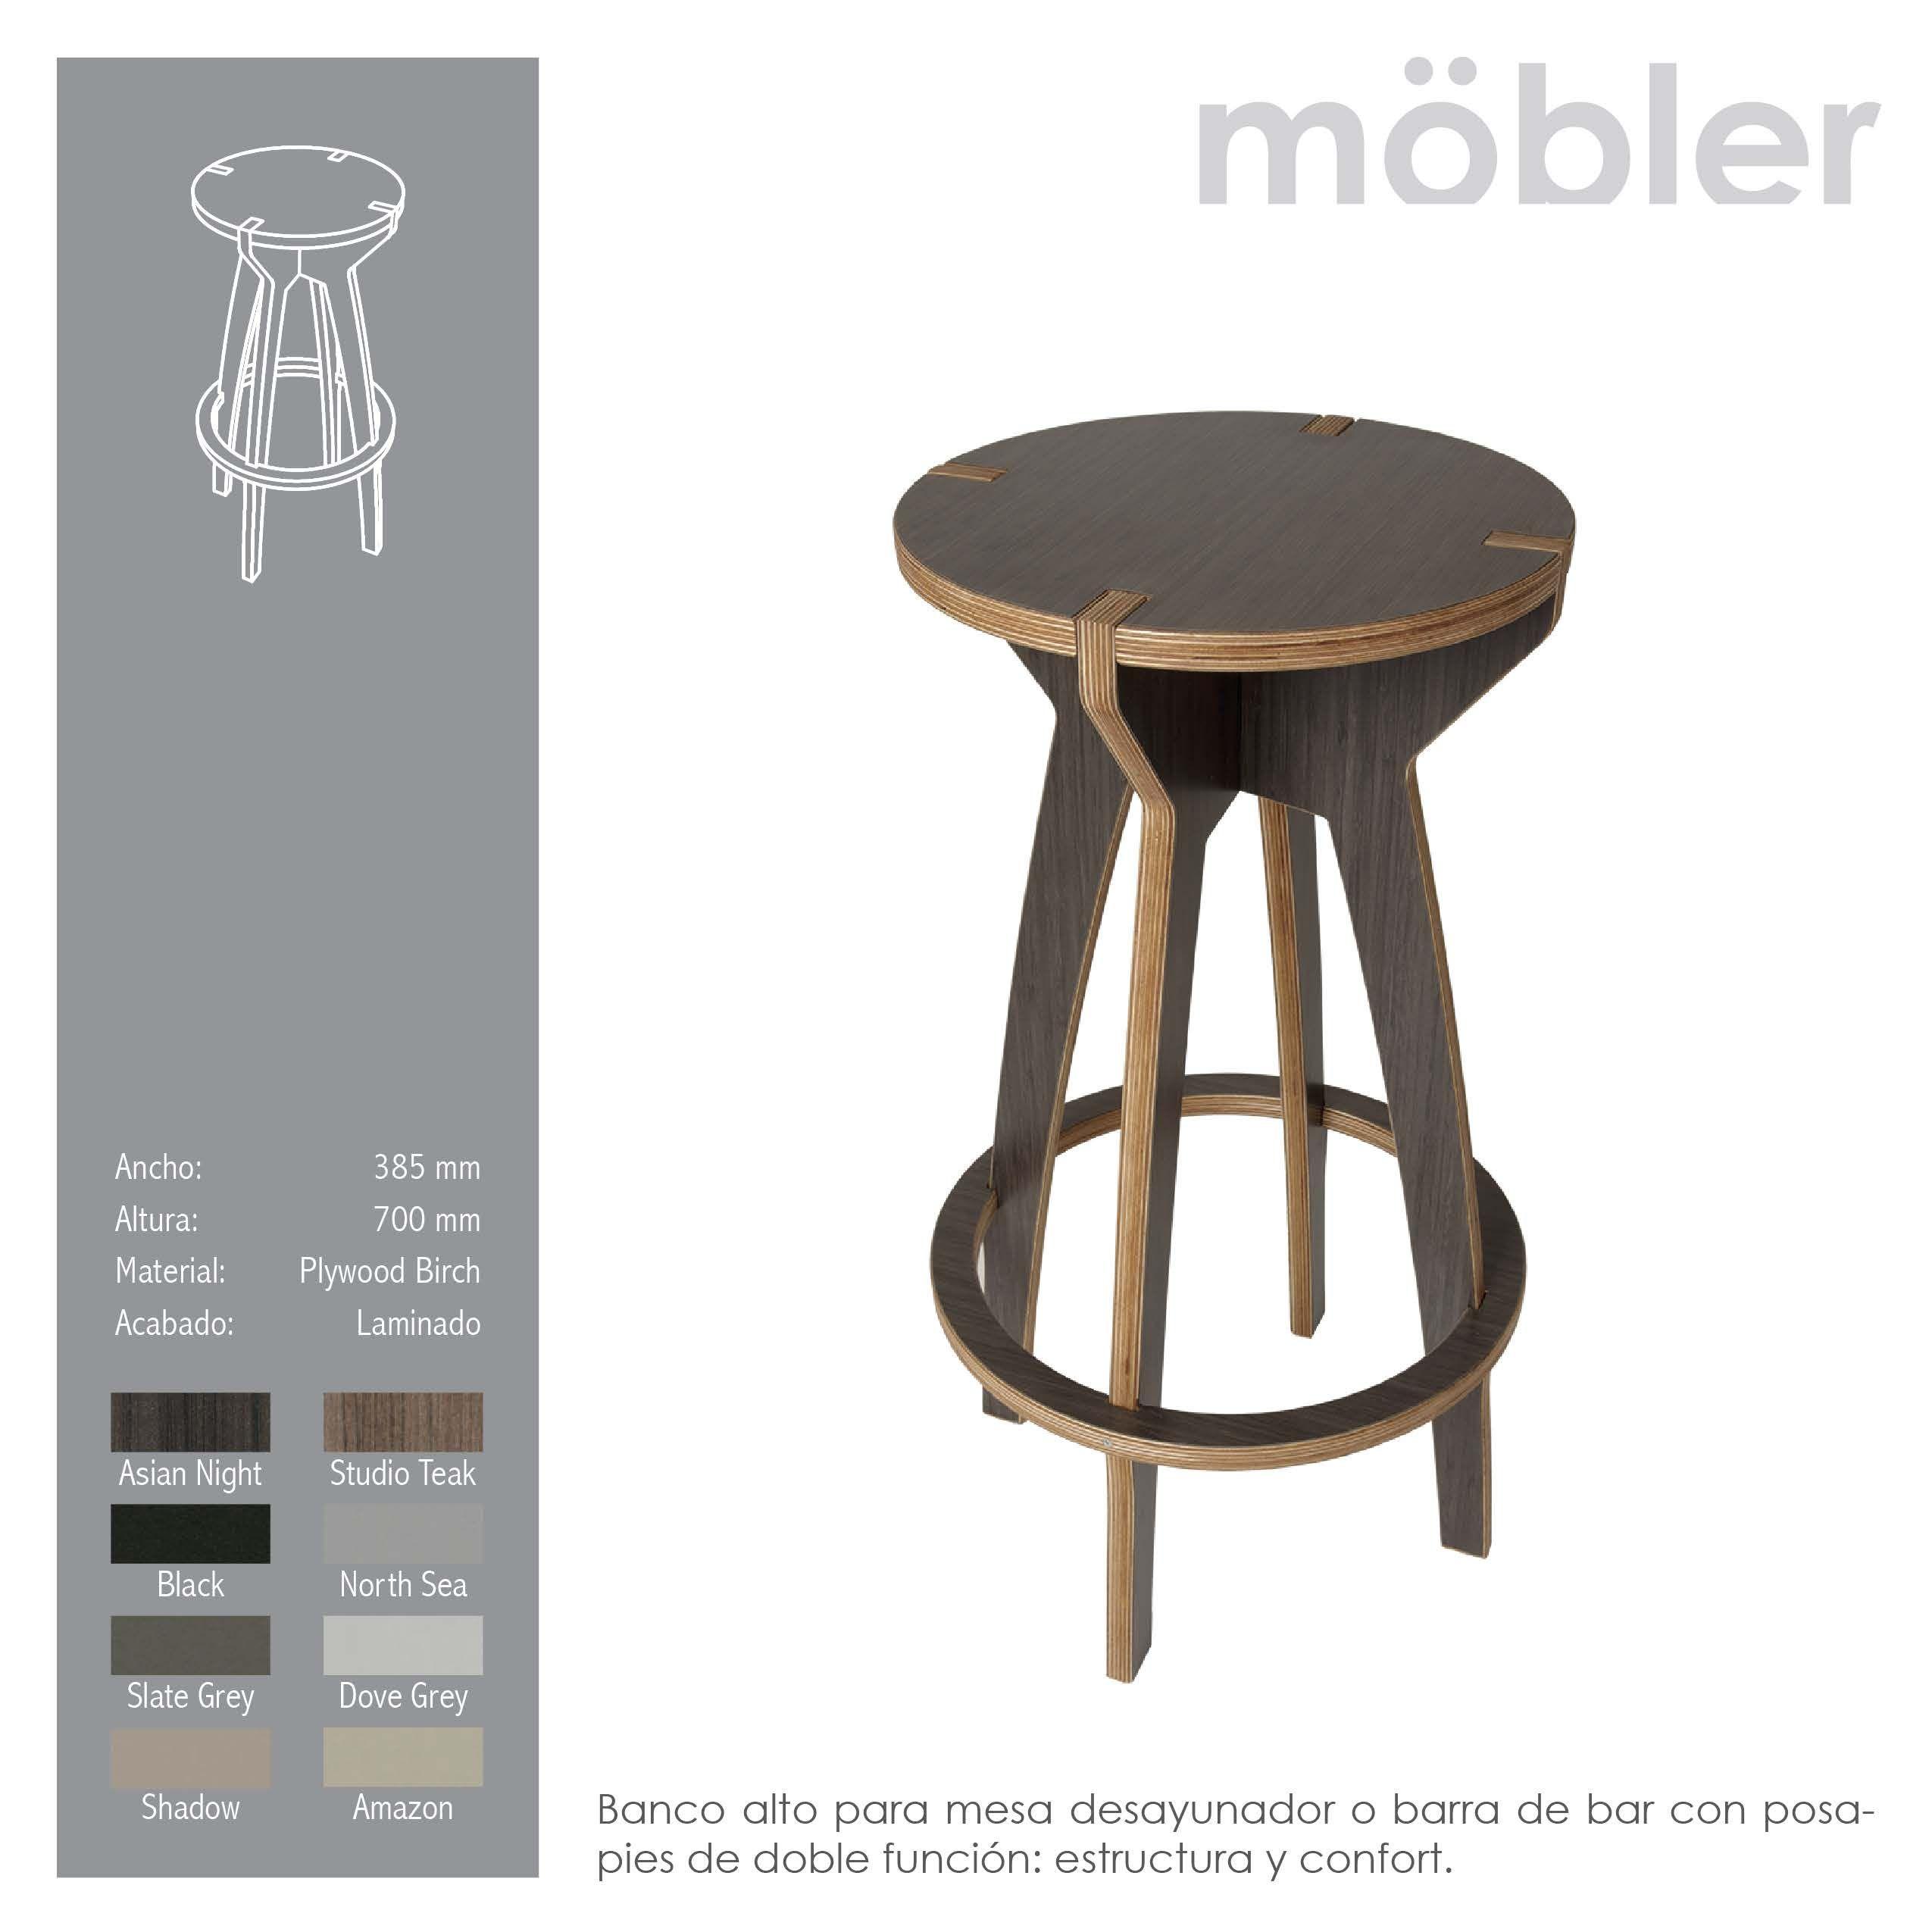 banco alto para mesa desayunador o barra de bar con posa